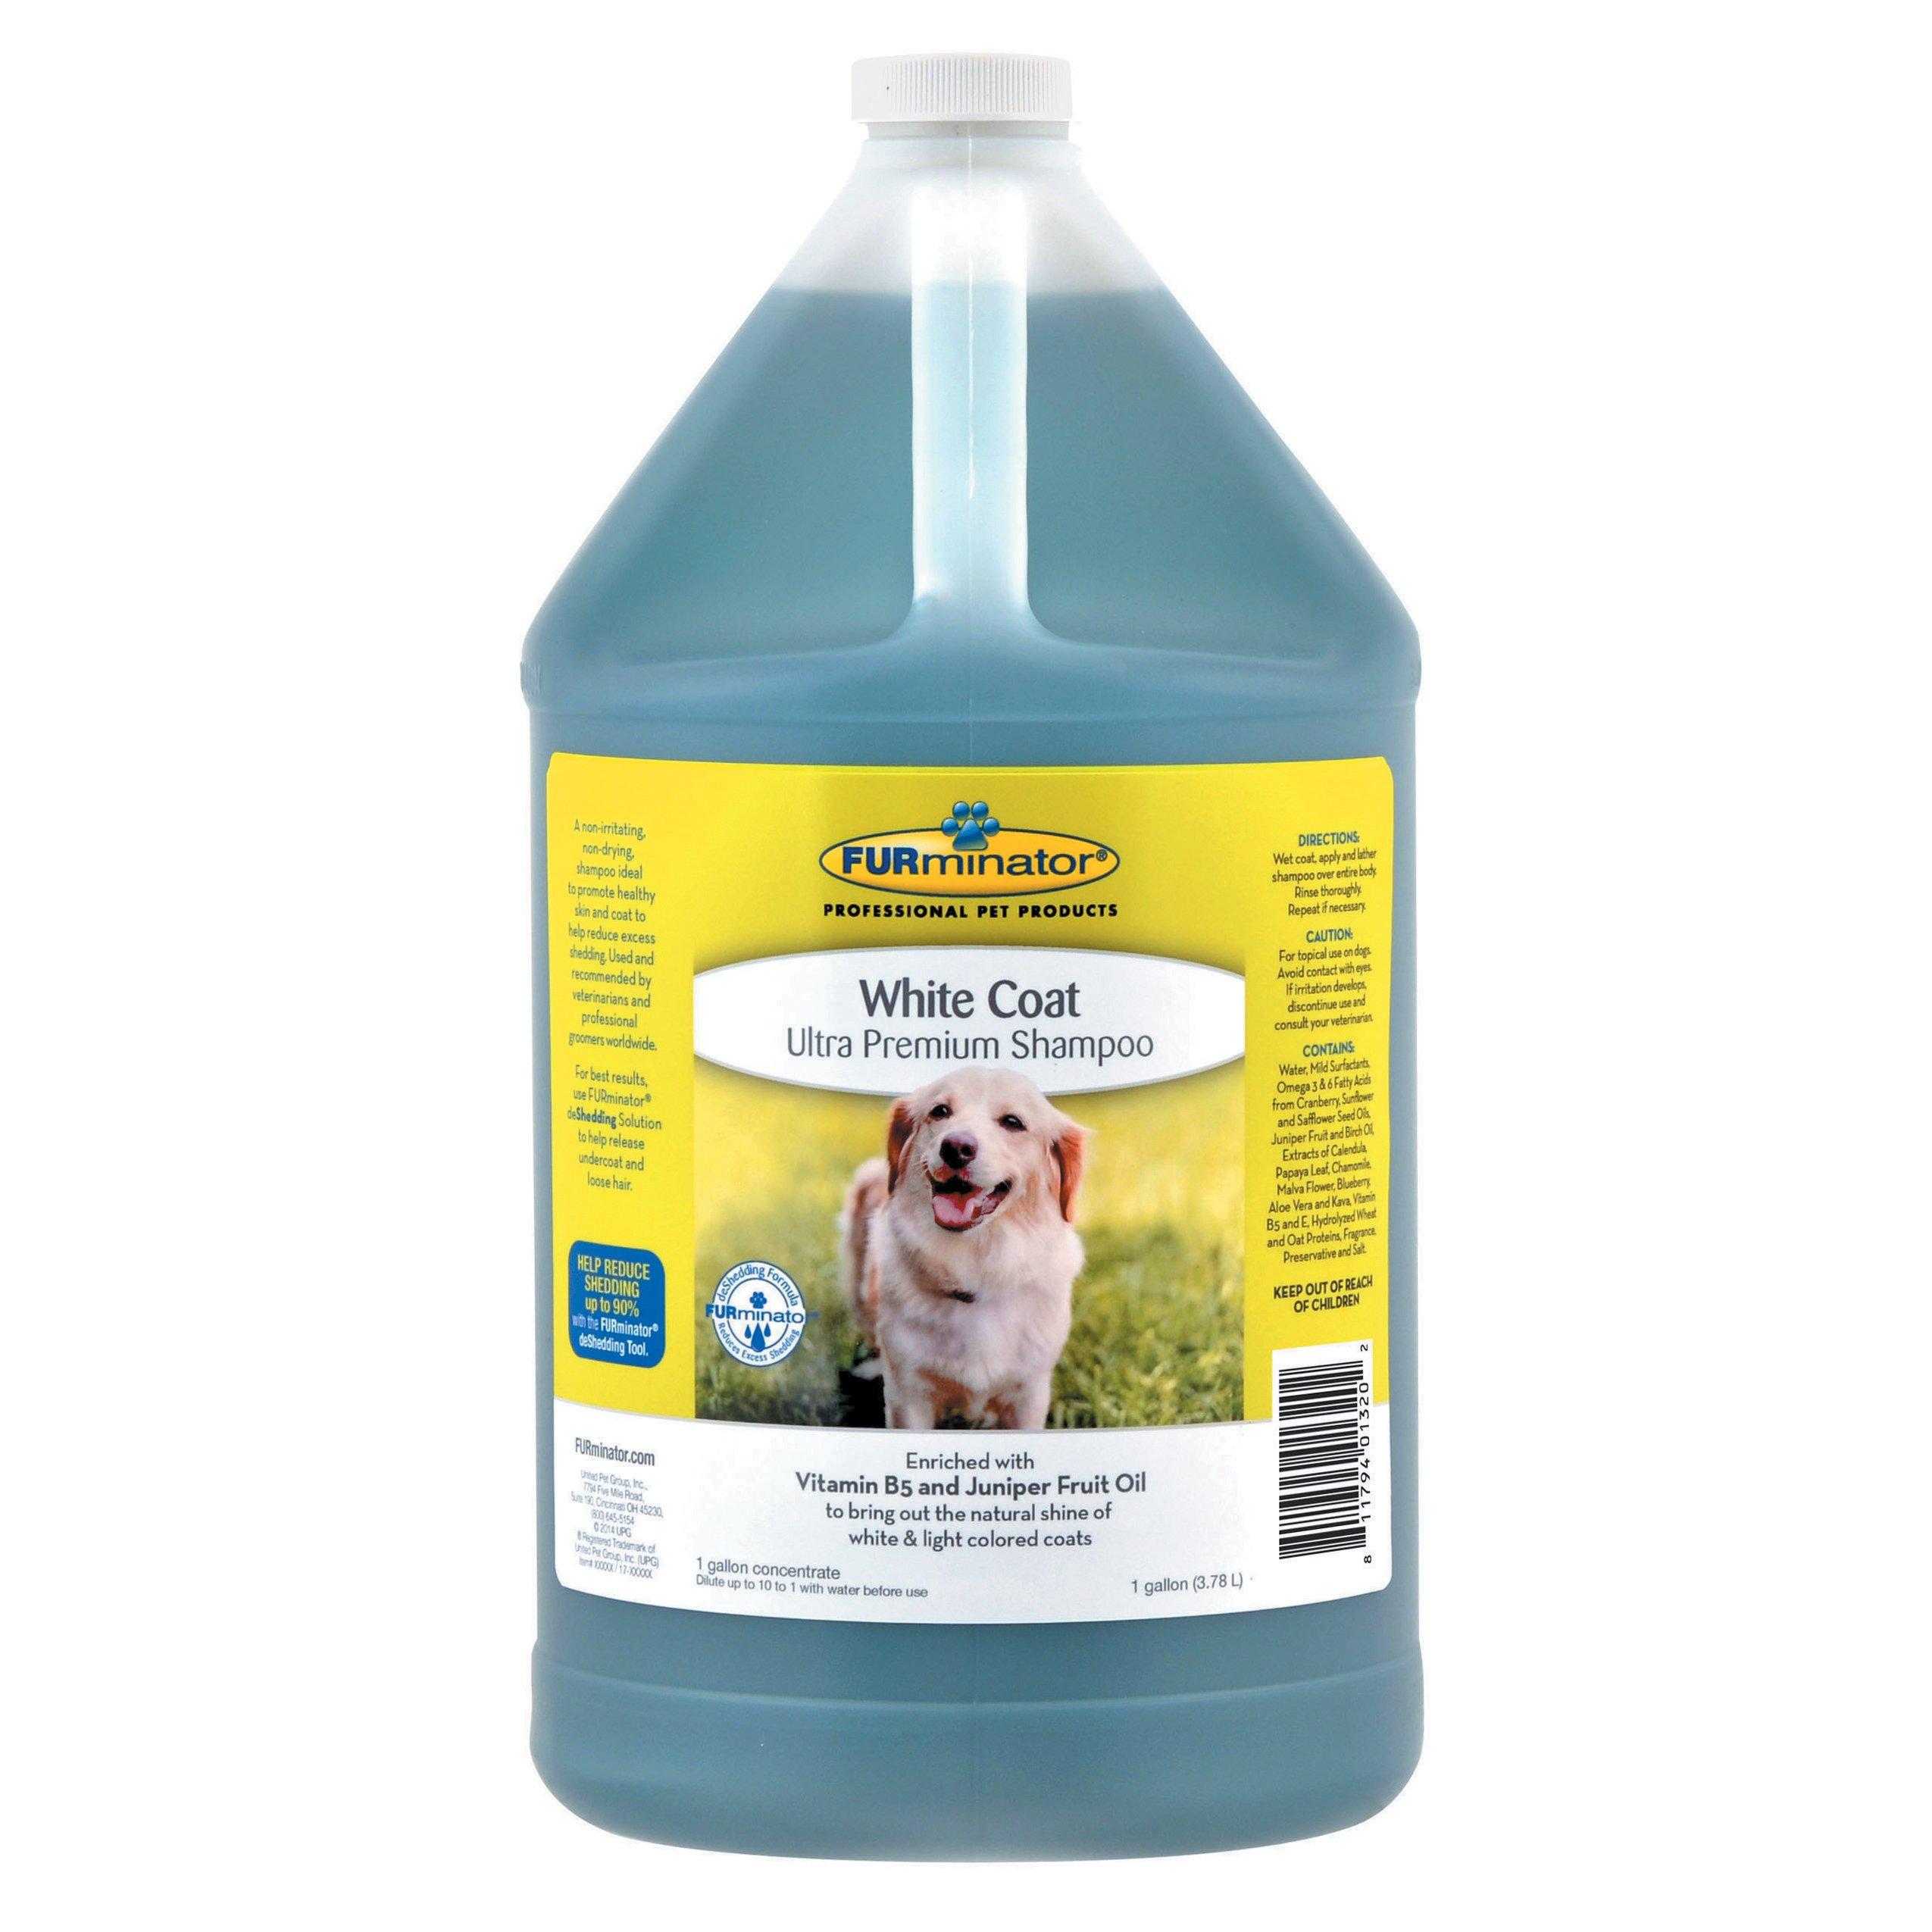 Furminator White Coat Ultra Premium Dog Shampoo, 1-Gallon